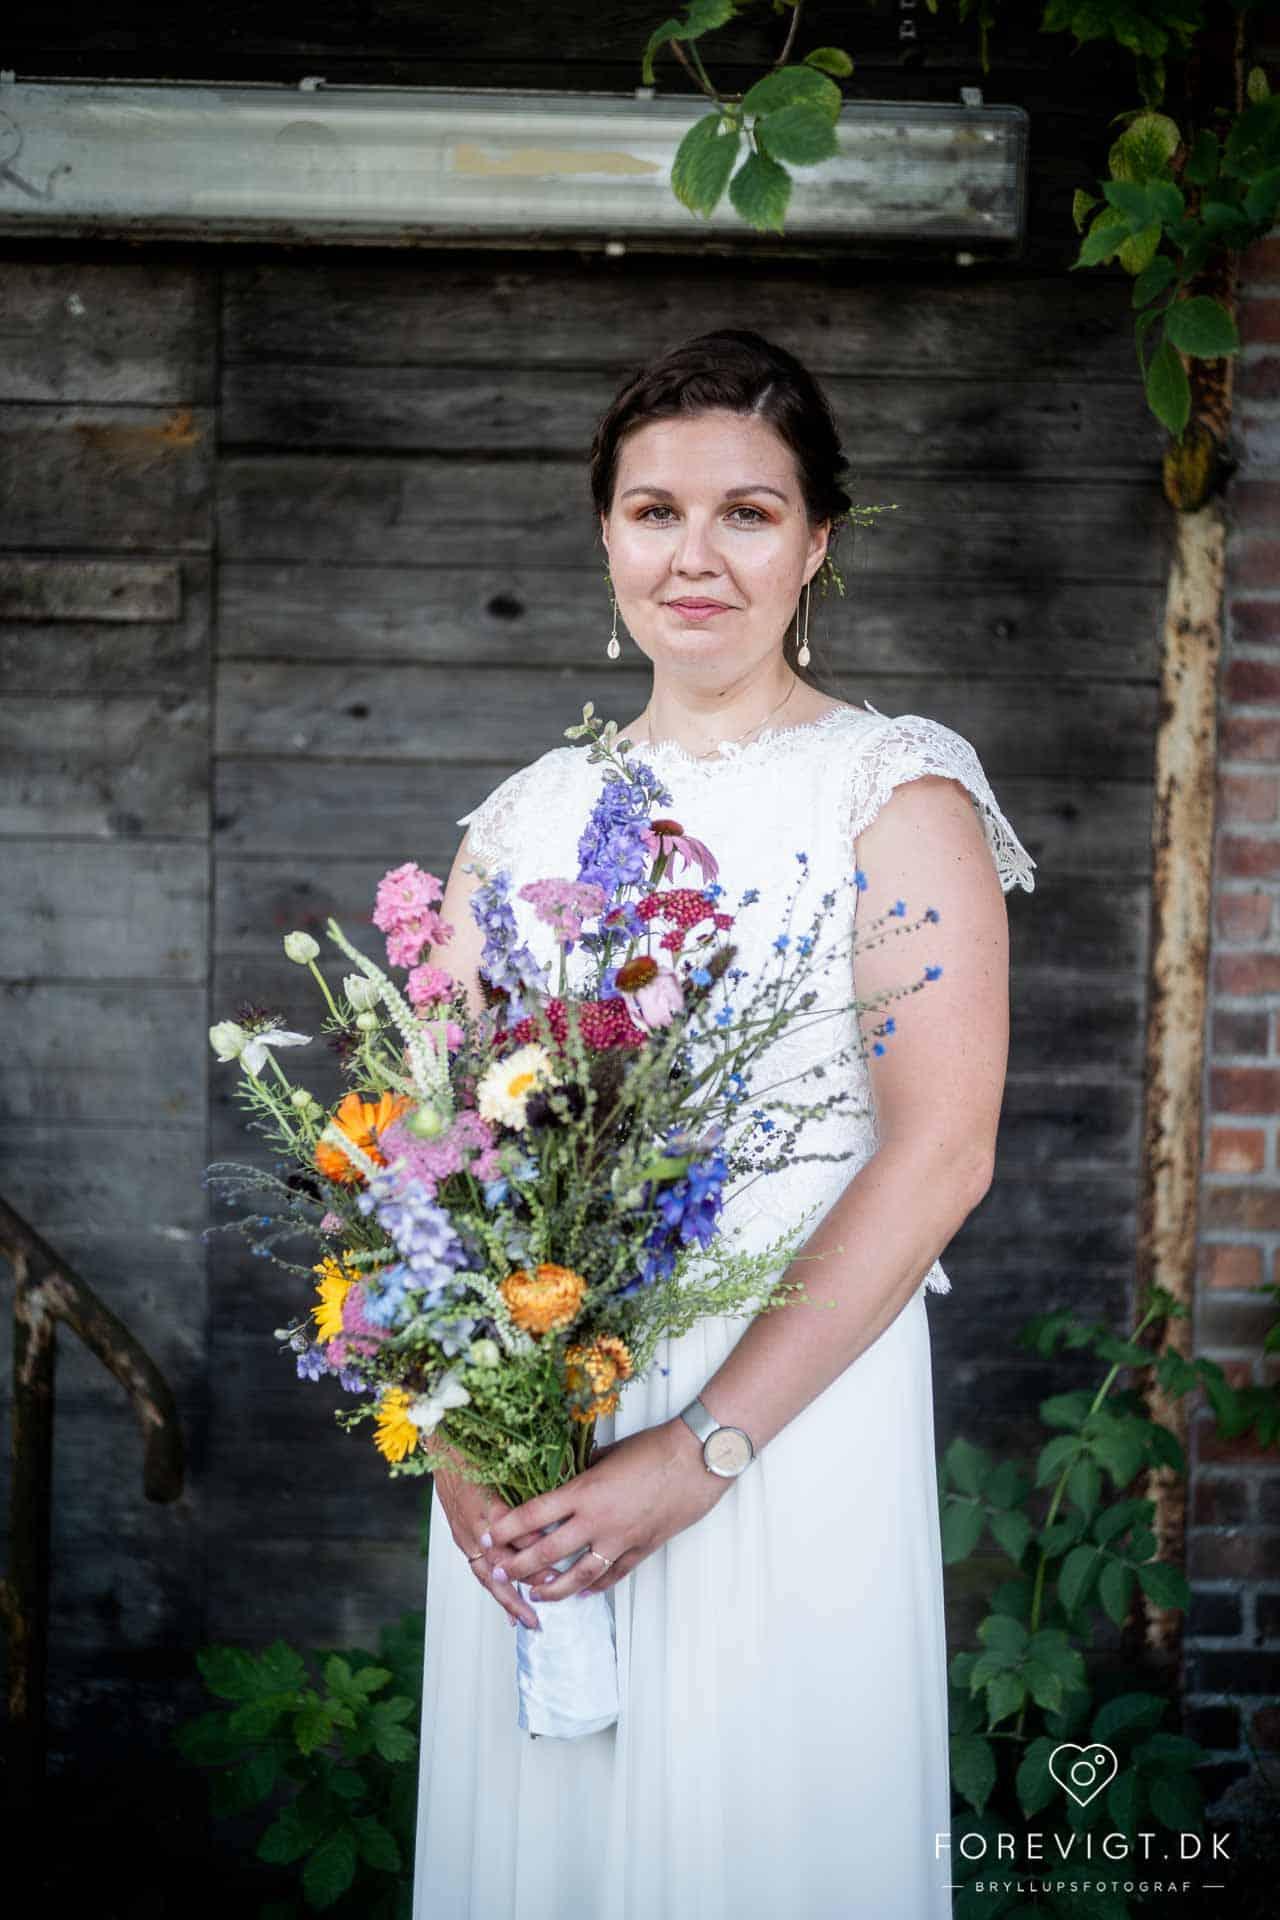 Bryllup i Kabelhallerne på Refshaleøen i København